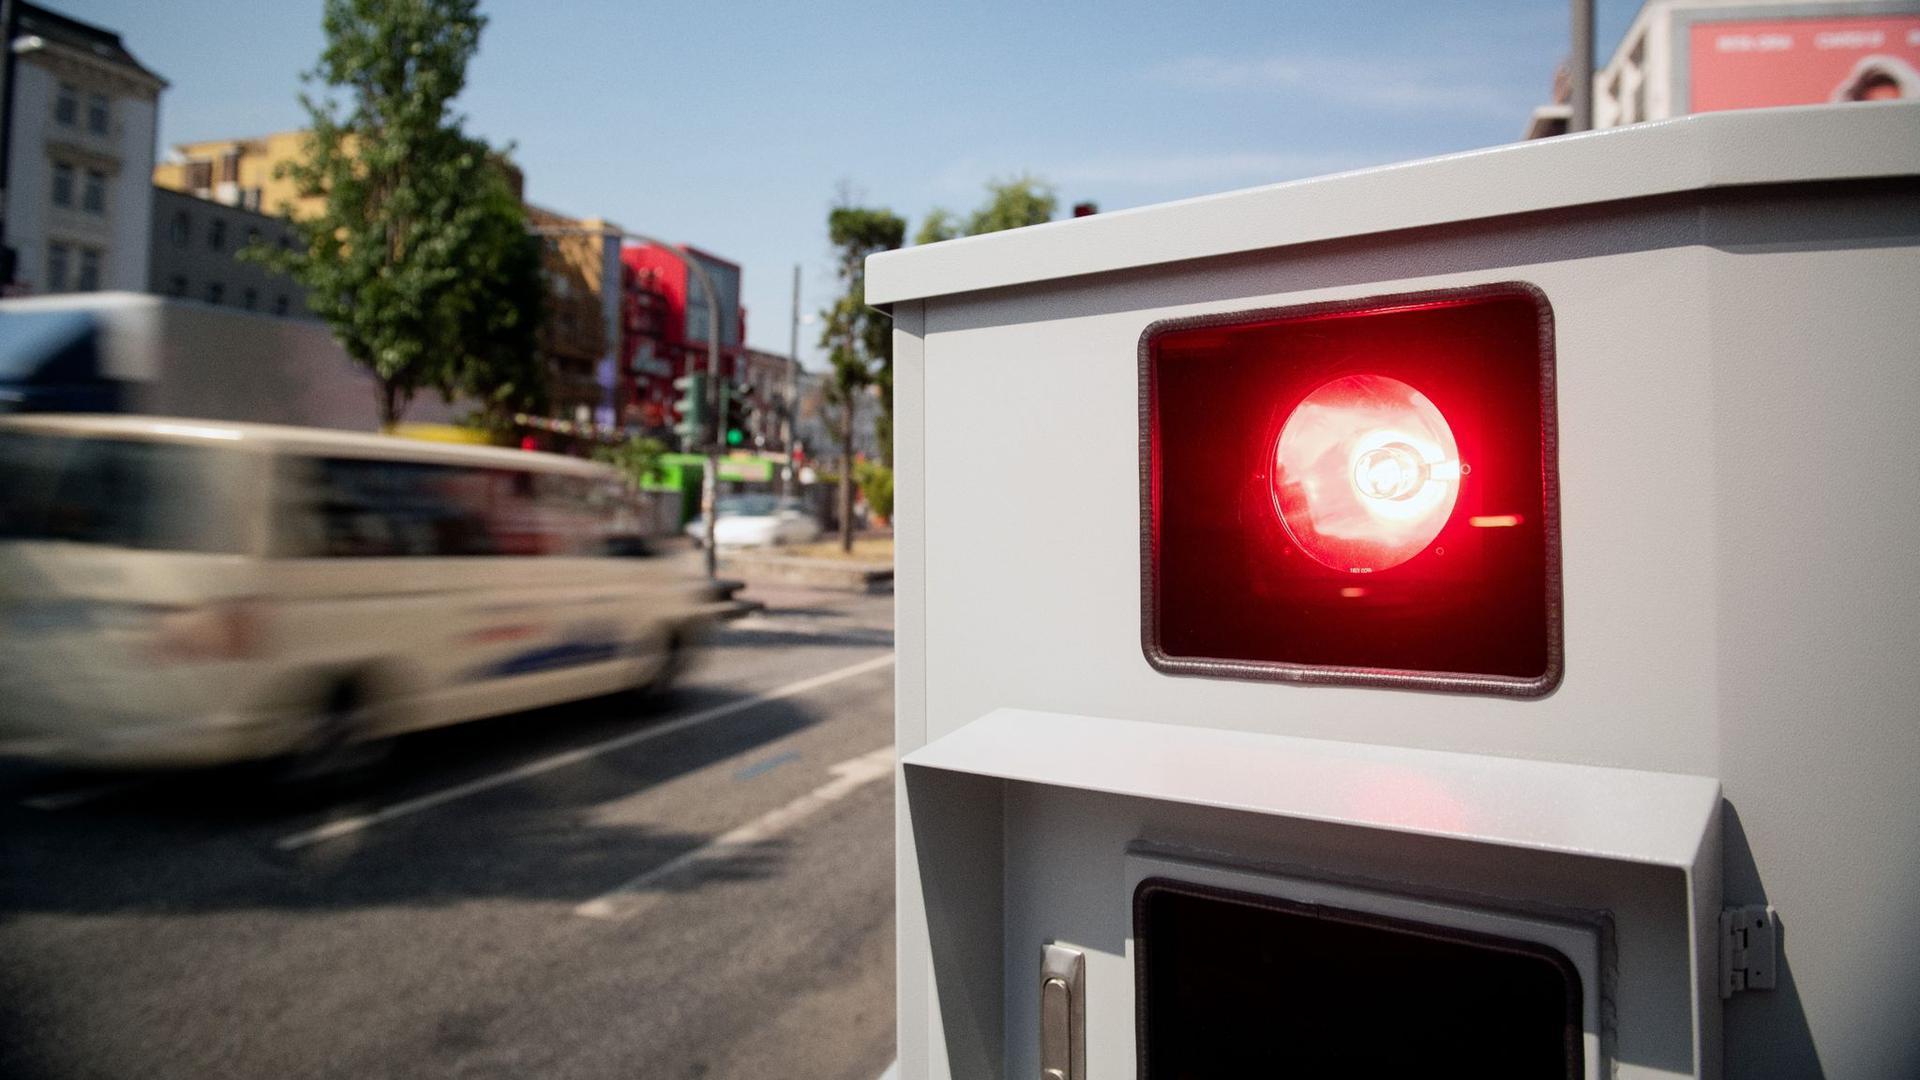 Tempomessgerät, auch Blitzer genannt. Seit Ende April droht ein Monat Führerscheinentzug, wenn man innerorts 21 Kilometer pro Stunde zu schnell fährt oder außerorts 26 km/h zu schnell unterwegs ist.